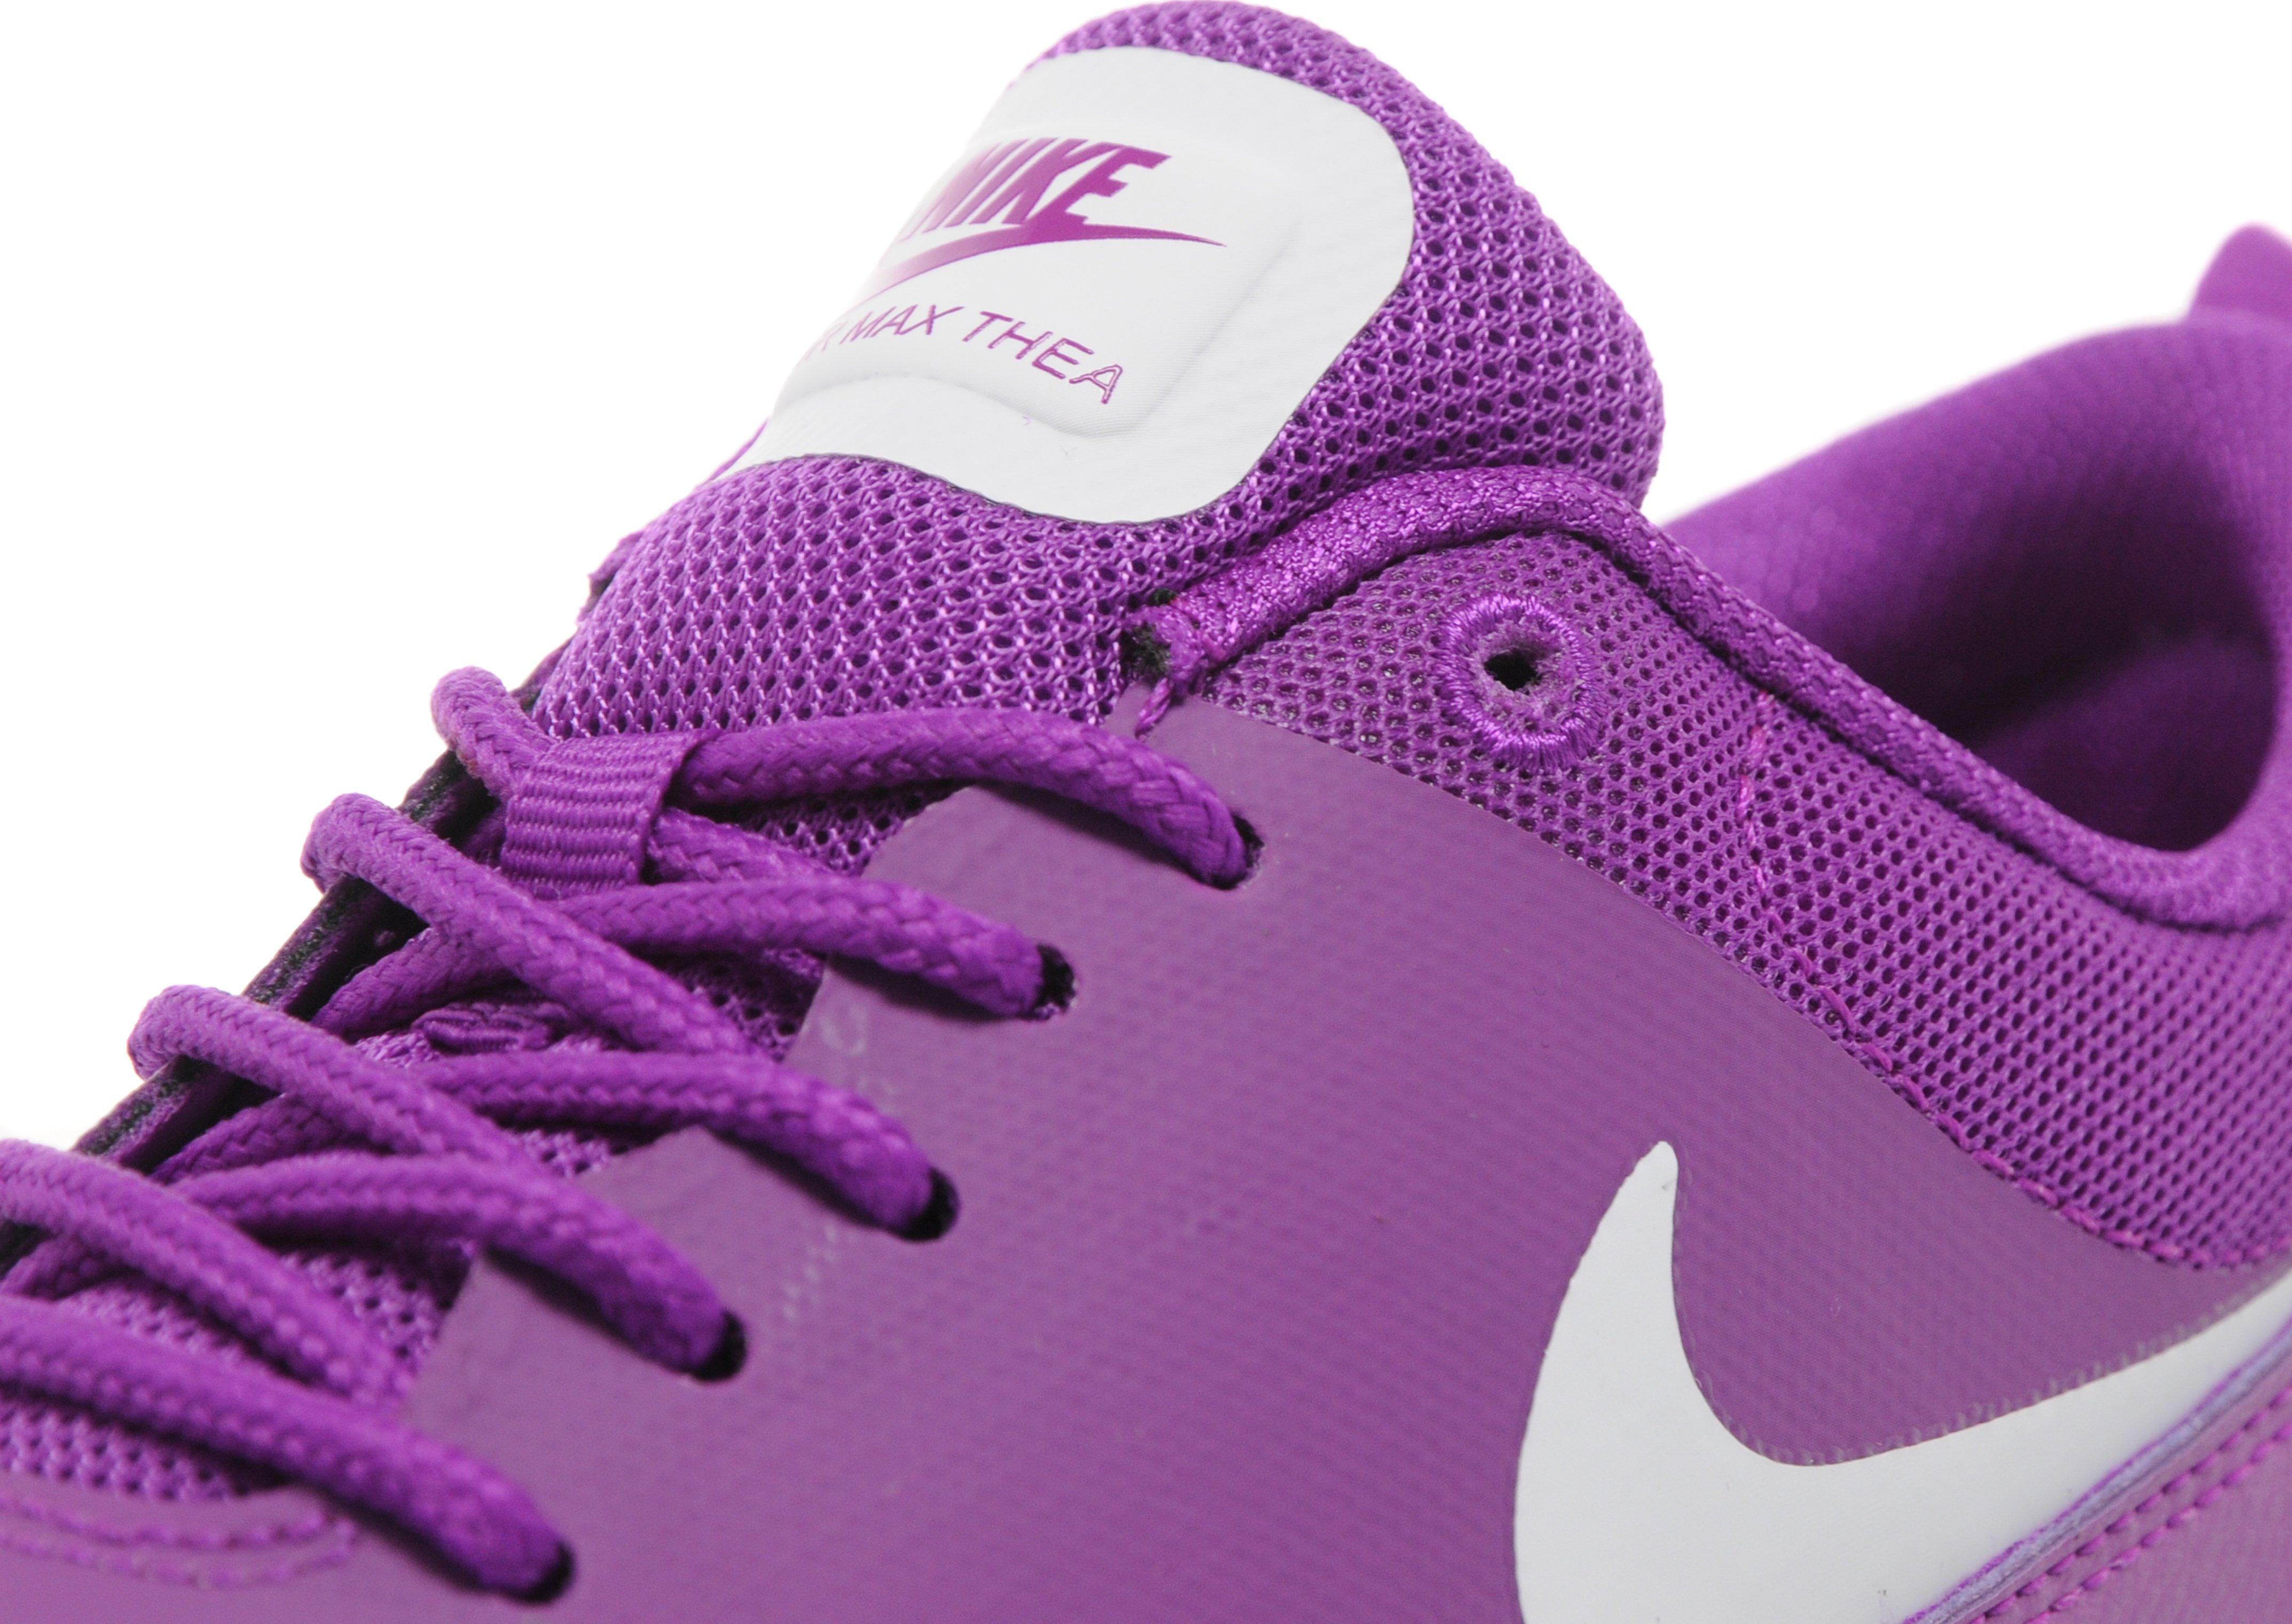 Nike Air Max Thea Womens Purple